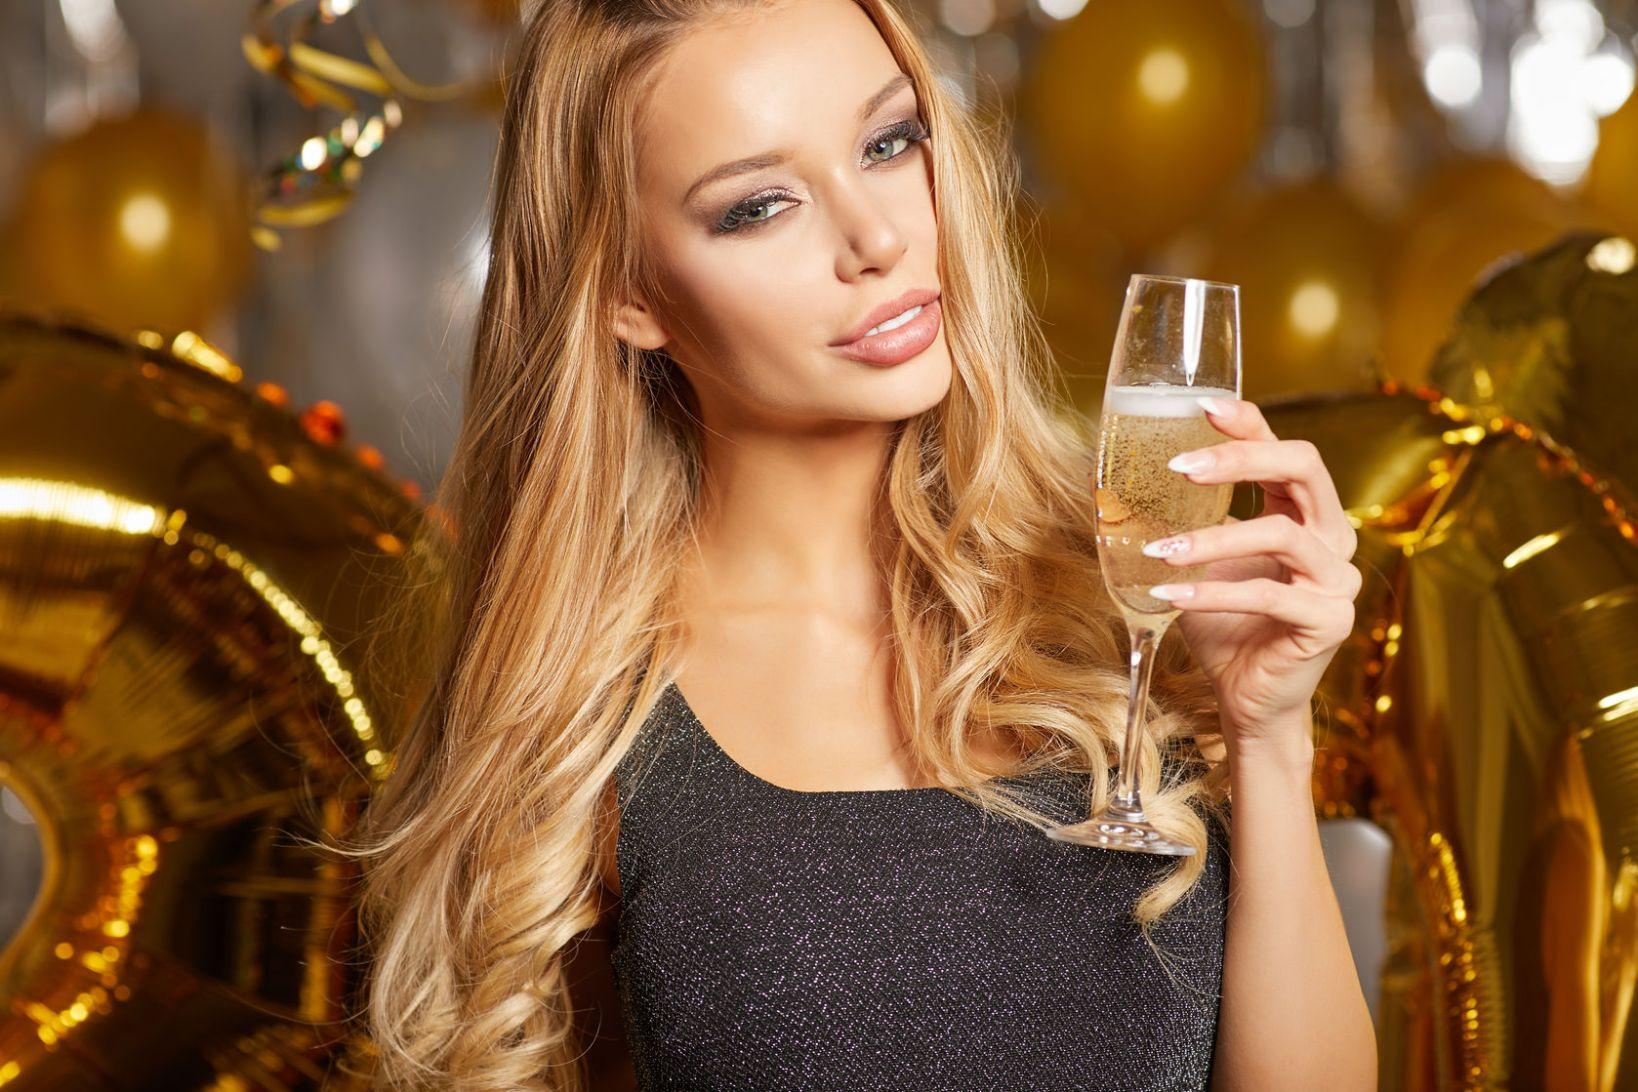 술 마시는 여자를 볼 때 남자들이 하는 생각은?